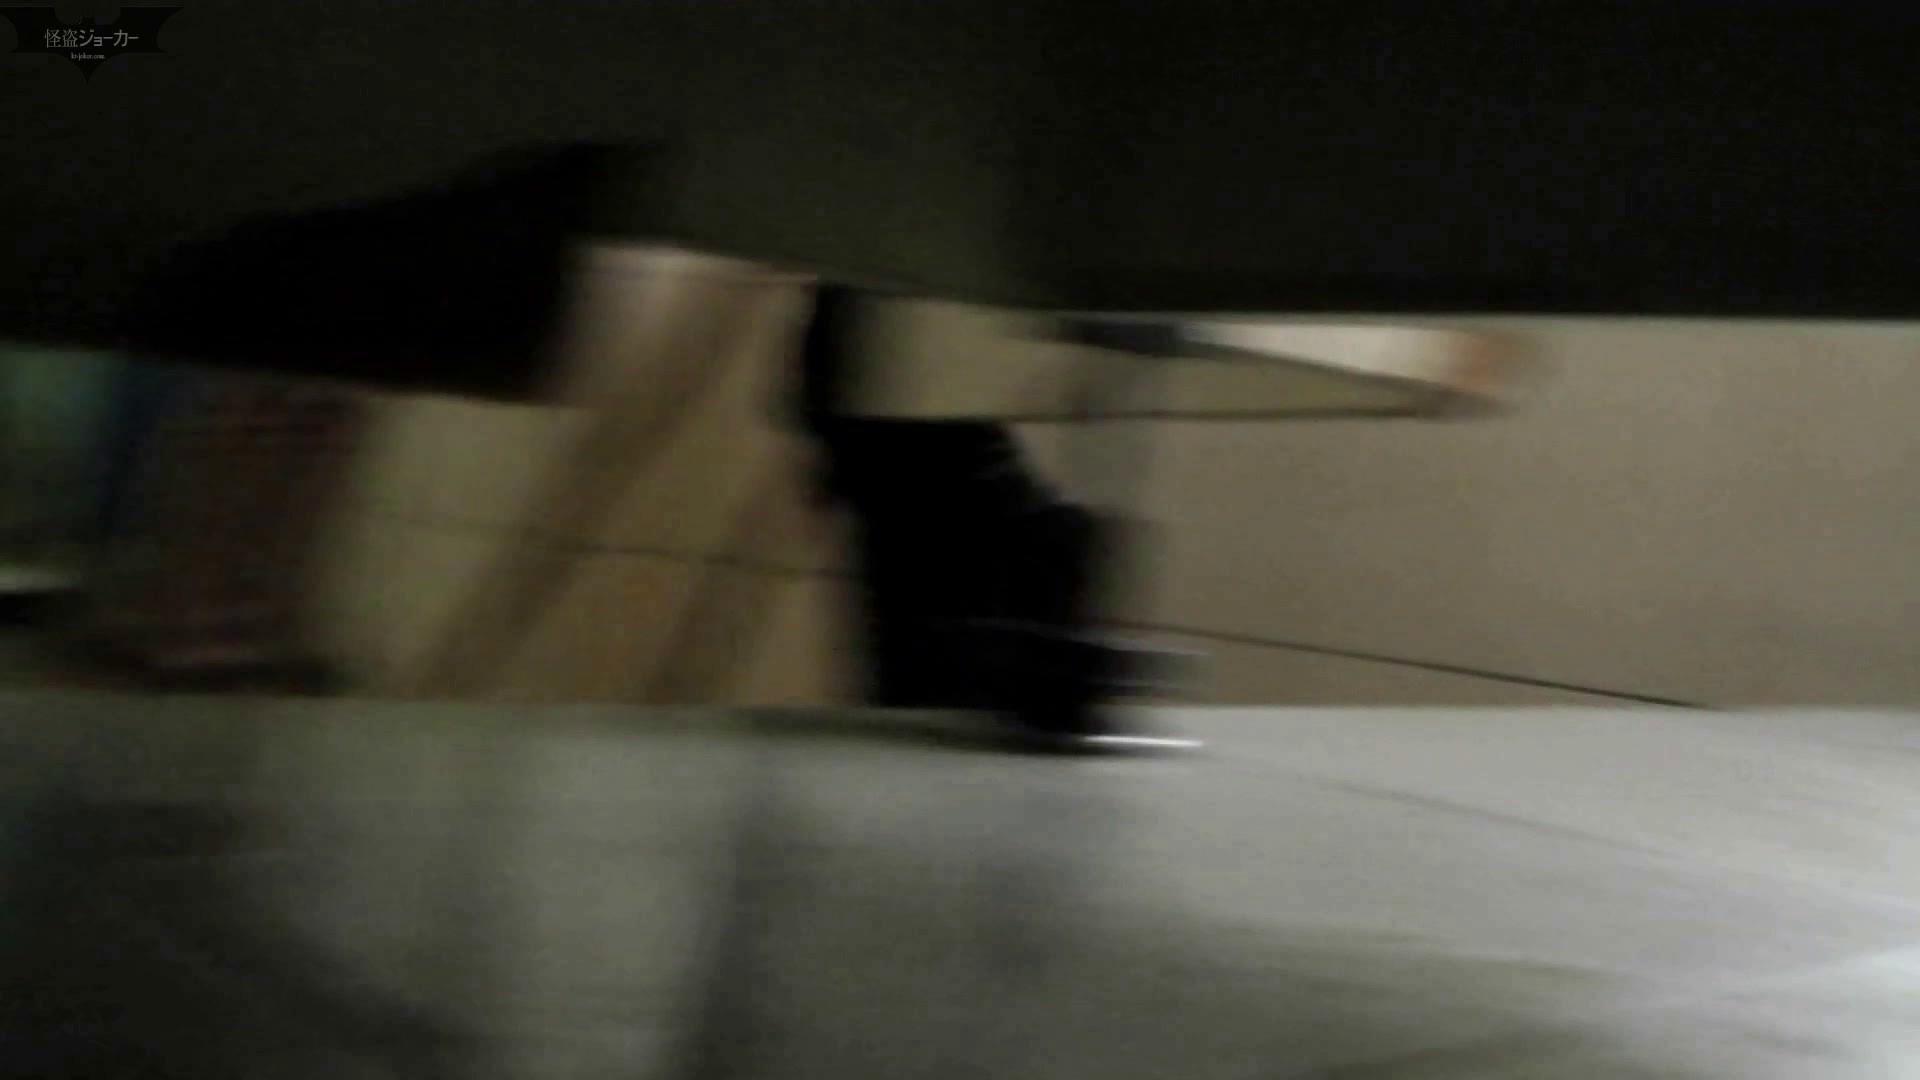 ステーション編 vol.25 必見桜庭みなみ?似 登場! 高画質動画 ワレメ無修正動画無料 87画像 53